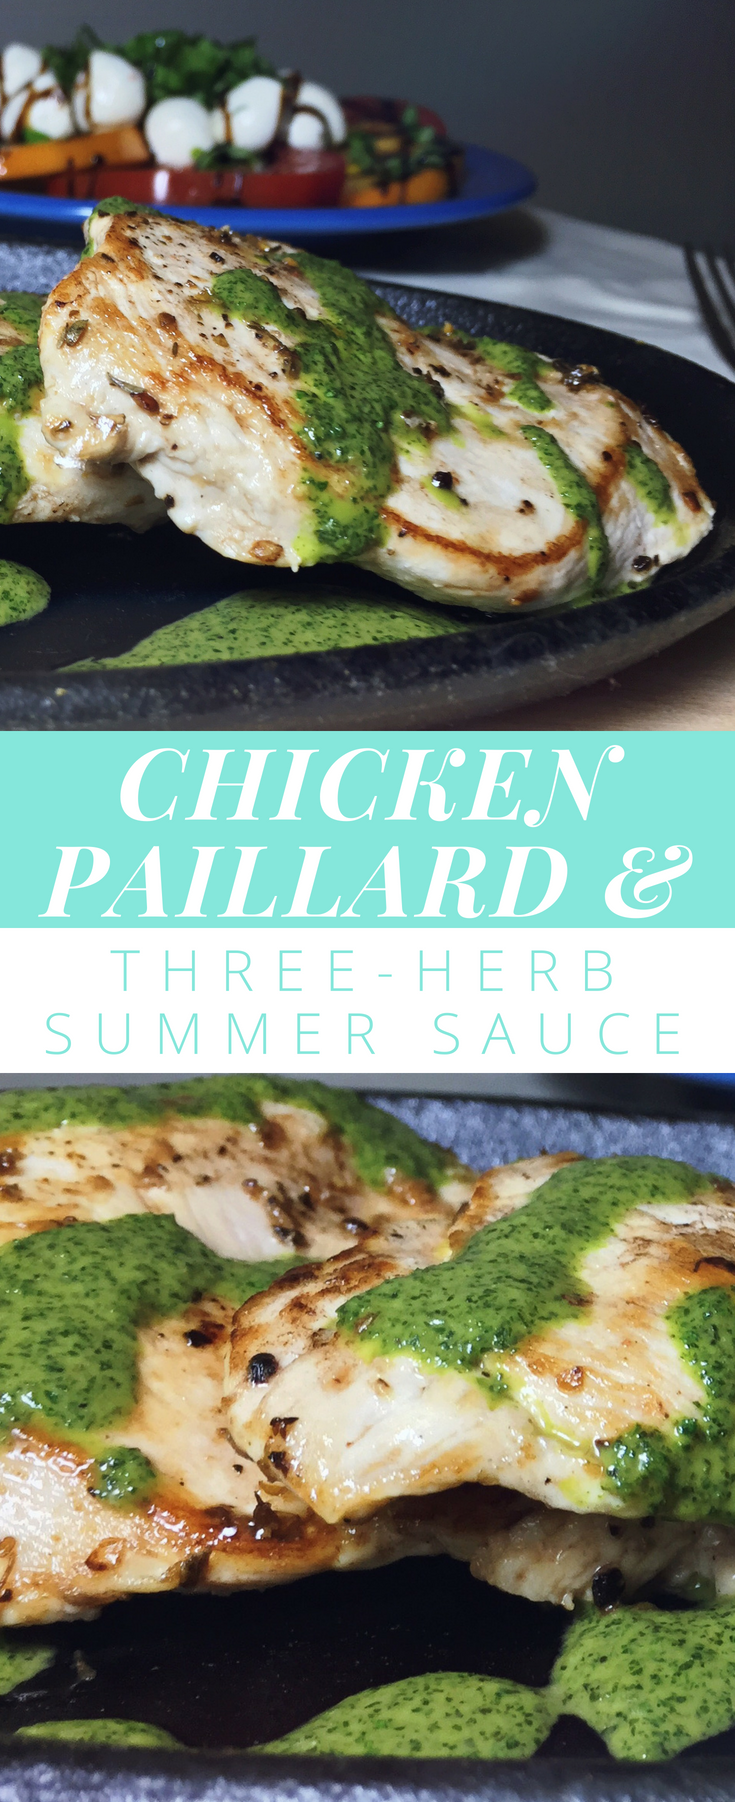 chicken-paillard-three-herb-summer-sauce-pin.png